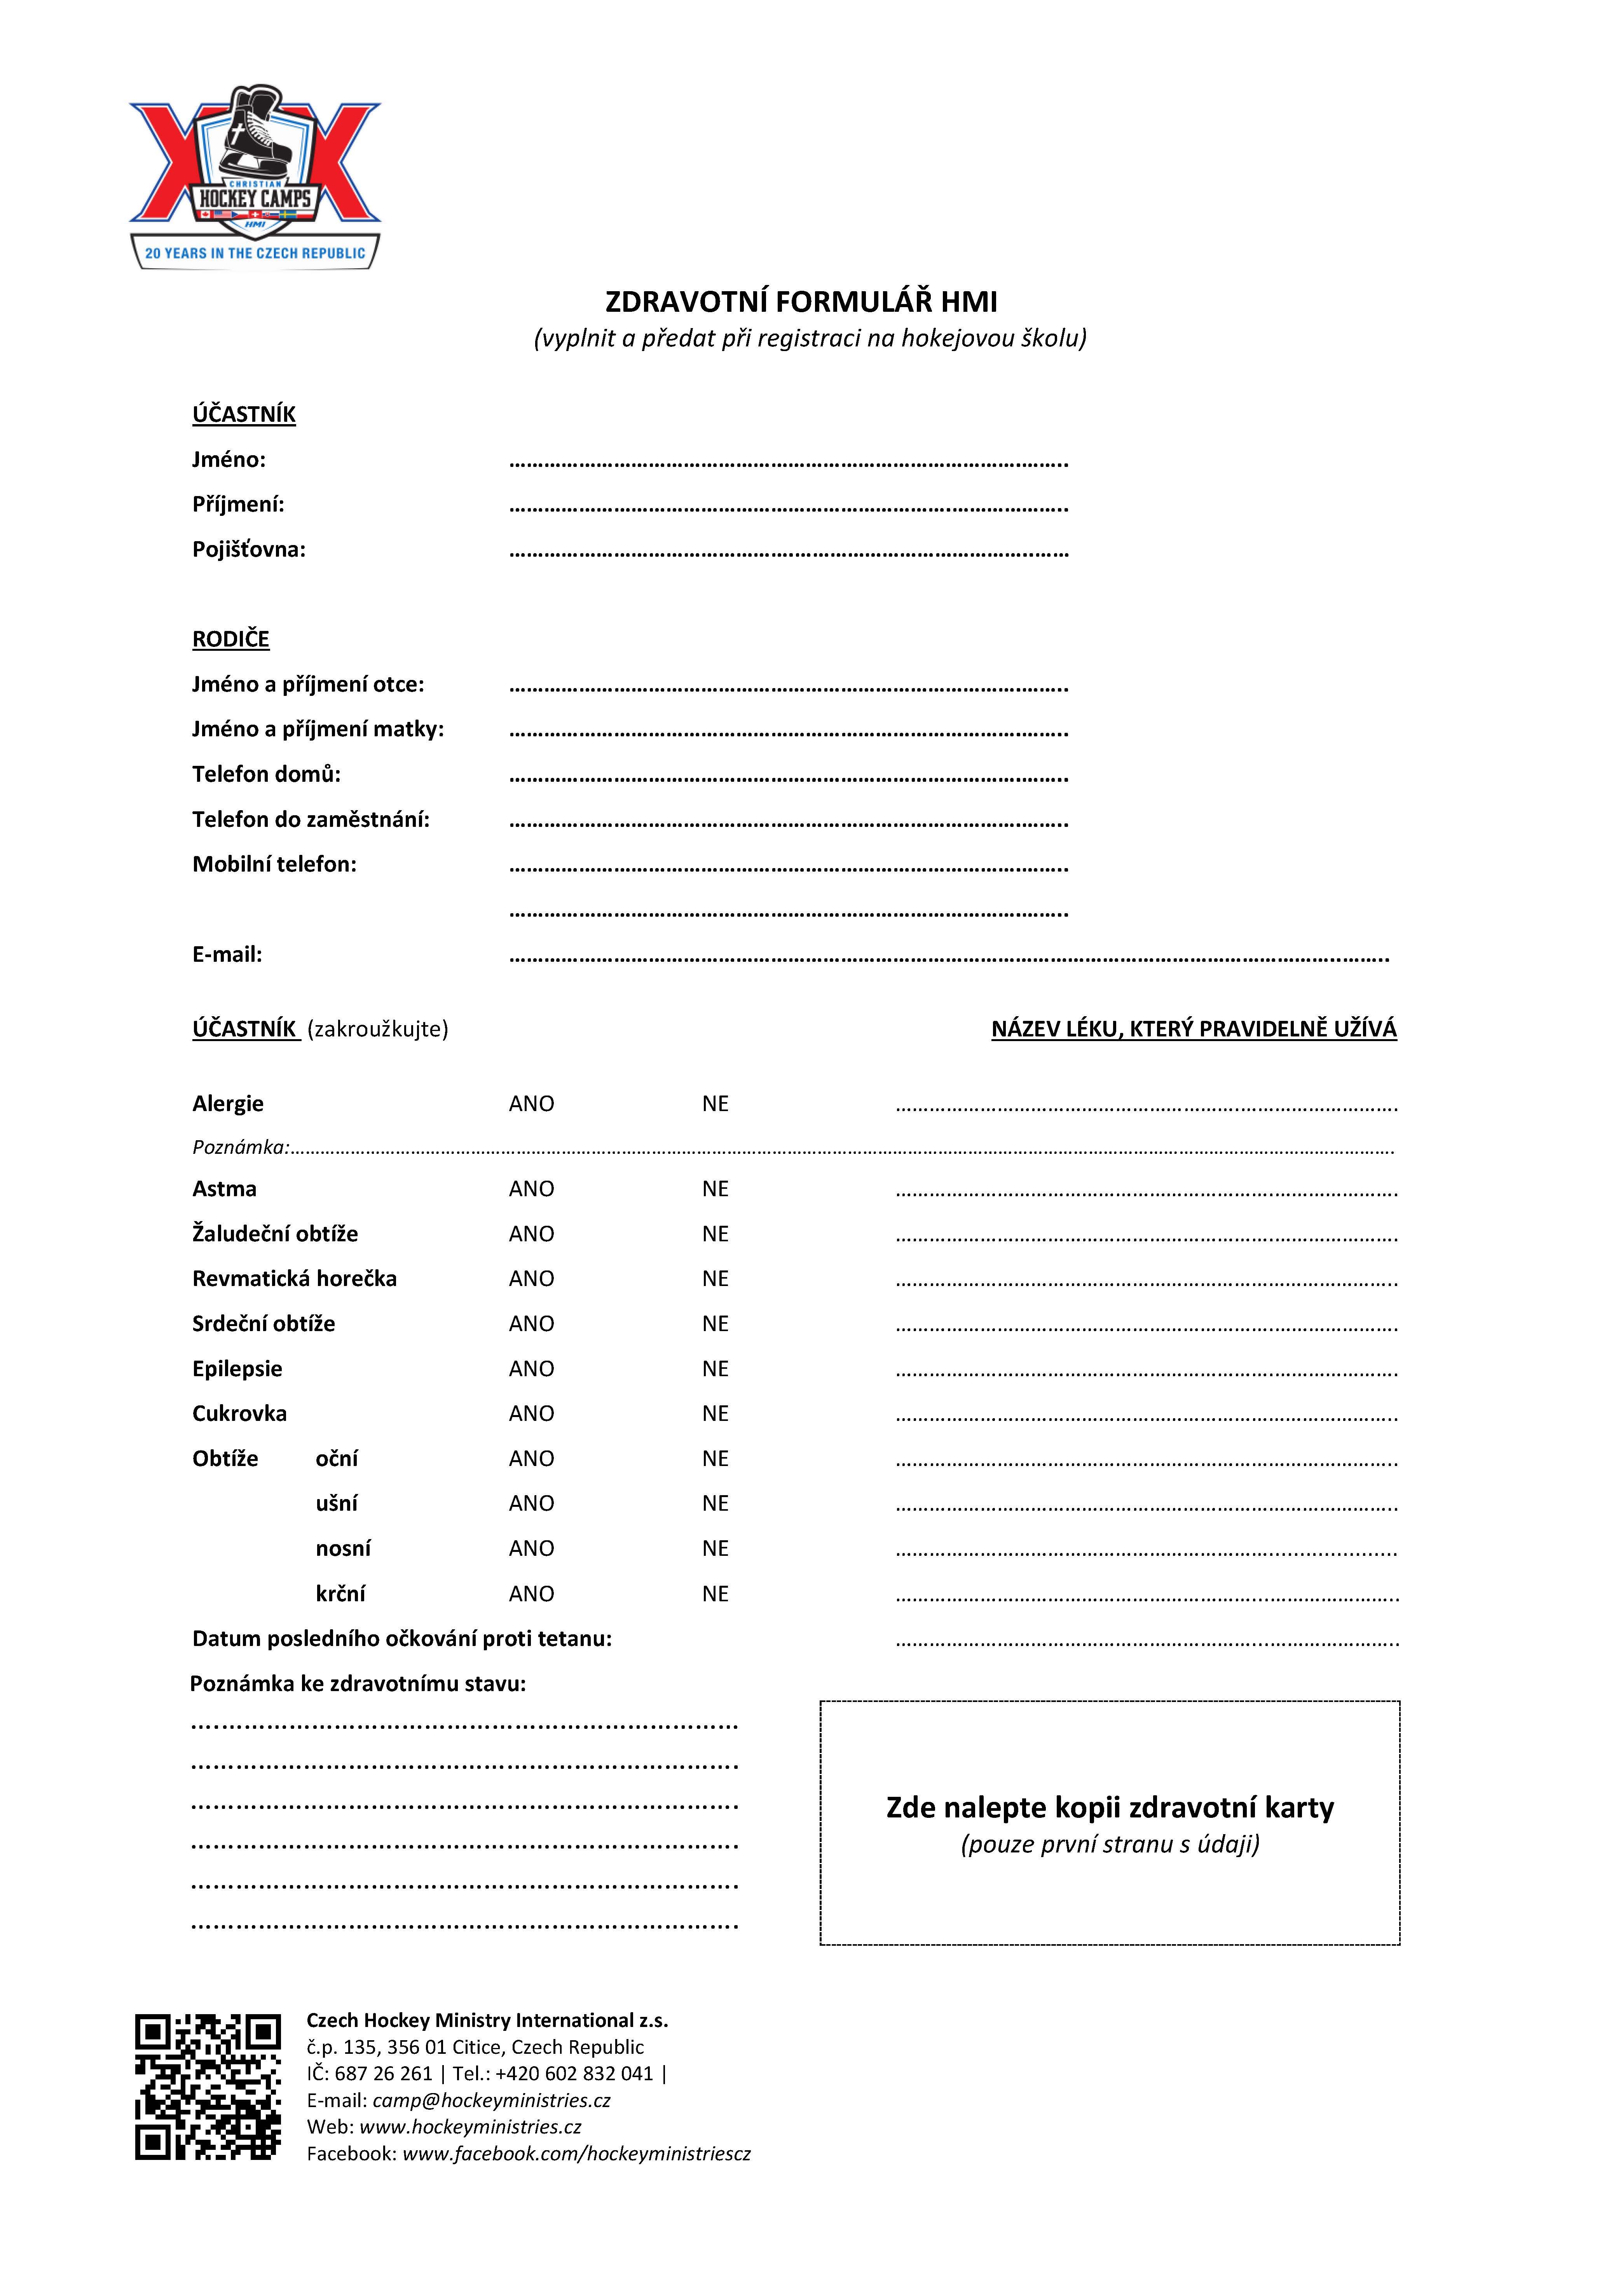 Zdravotní list HMI